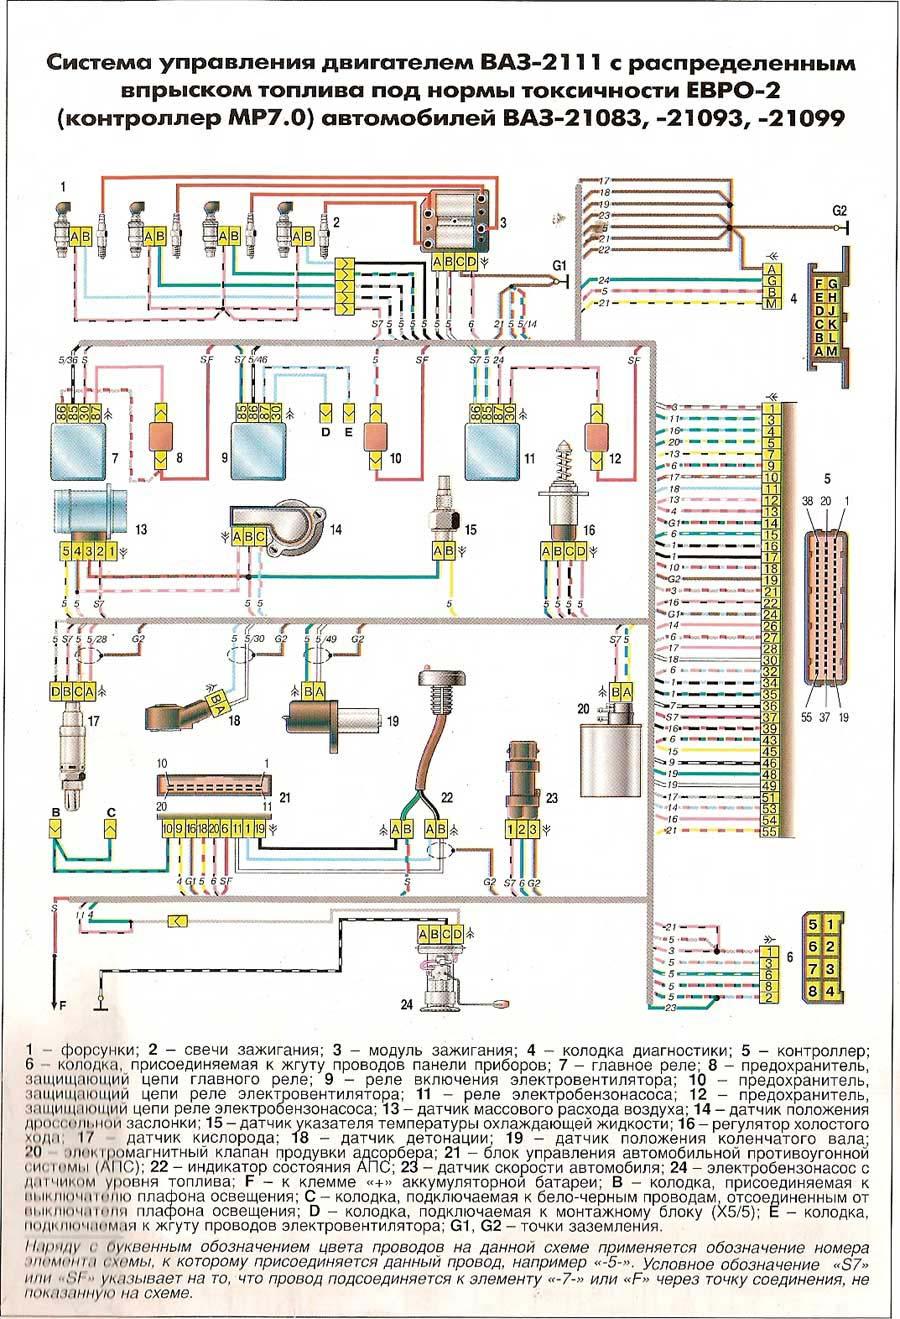 Схемы управления двигателем.